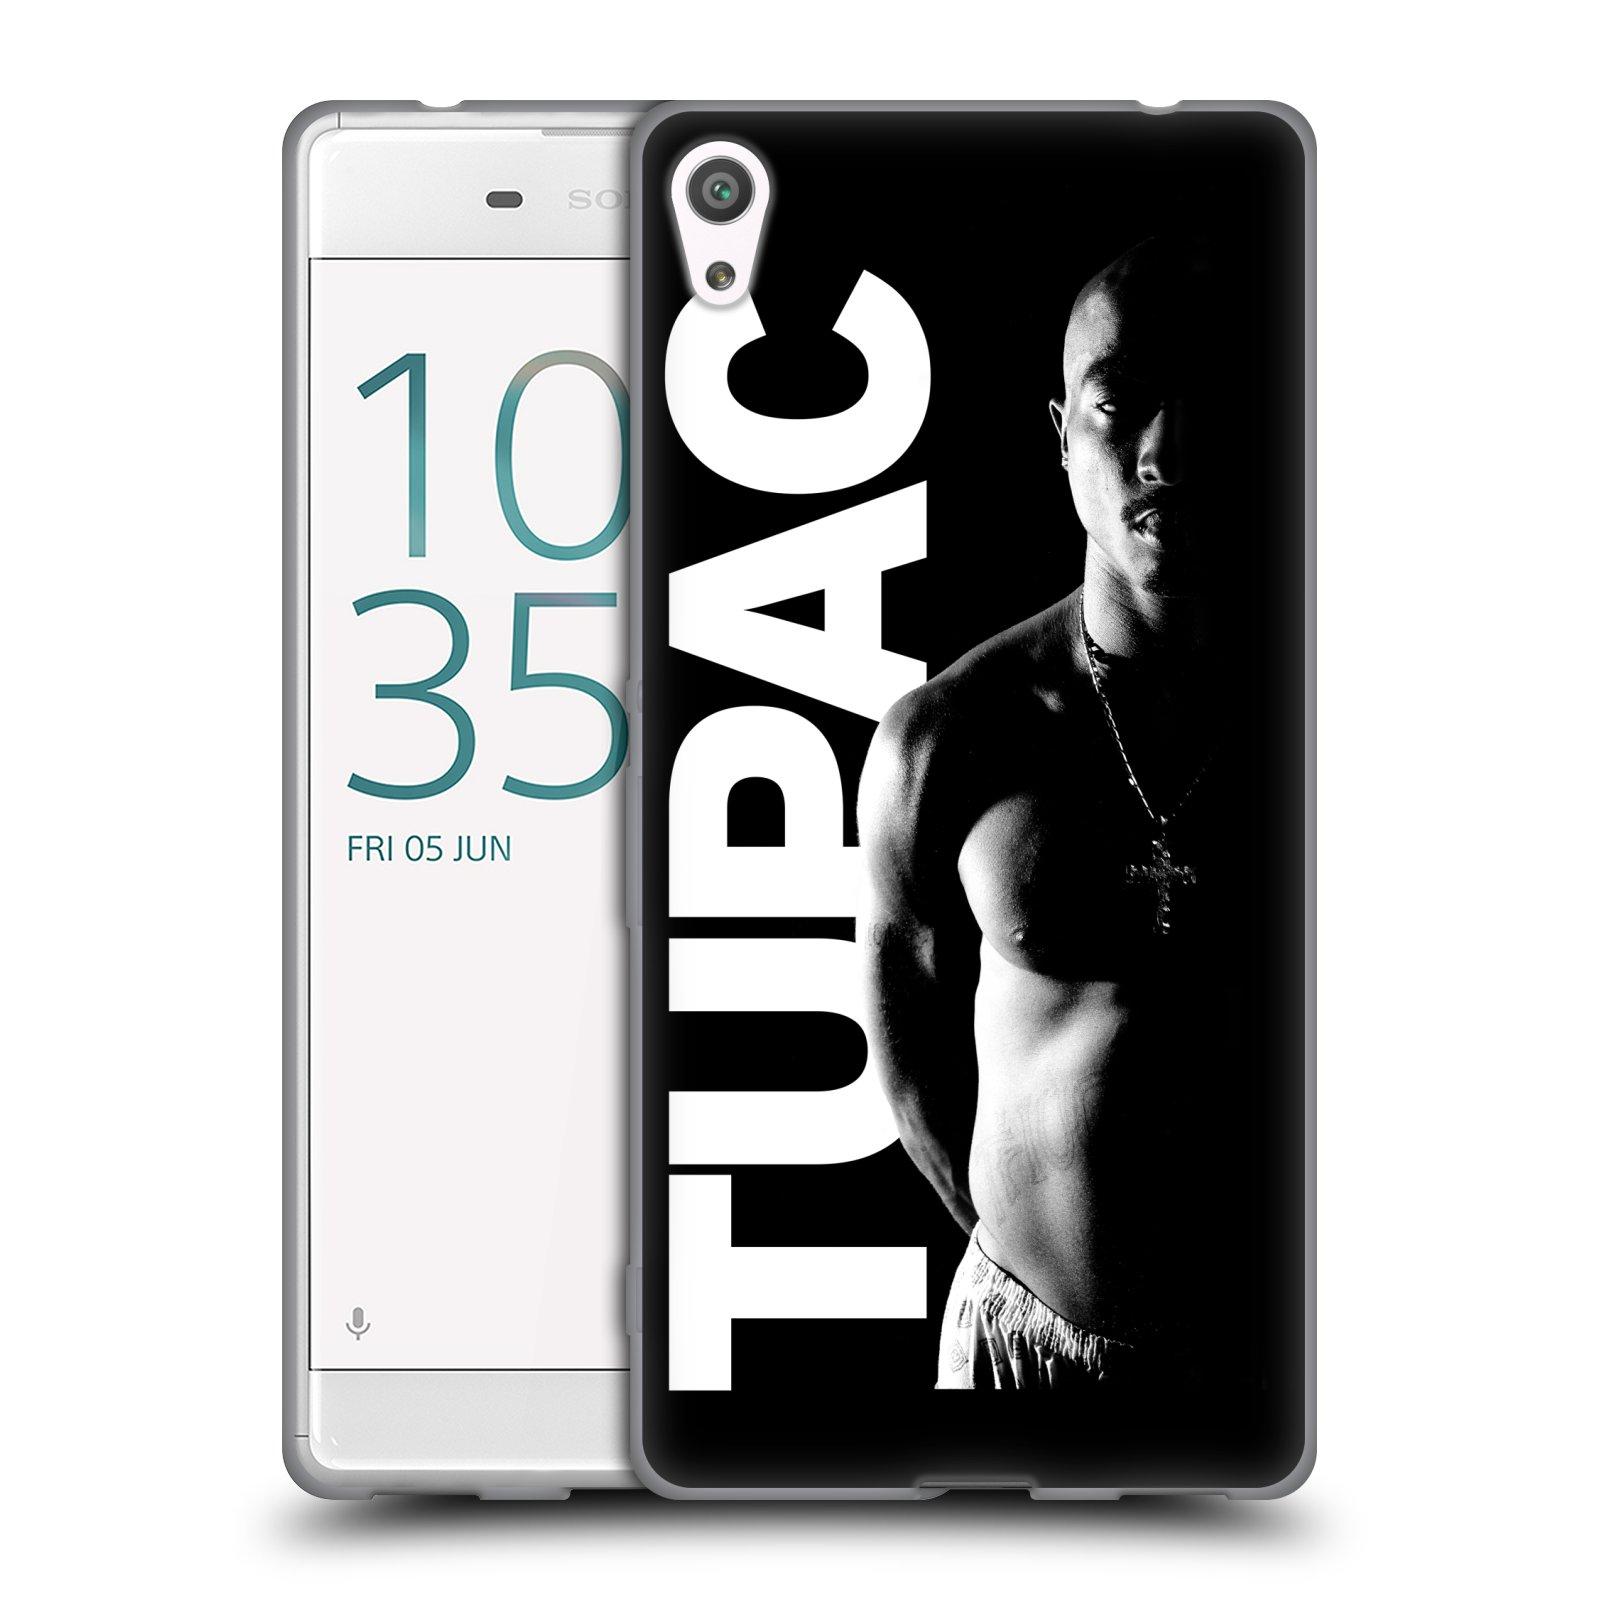 HEAD CASE silikonový obal na mobil Sony Xperia XA ULTRA Zpěvák rapper Tupac Shakur 2Pac bílý nadpis